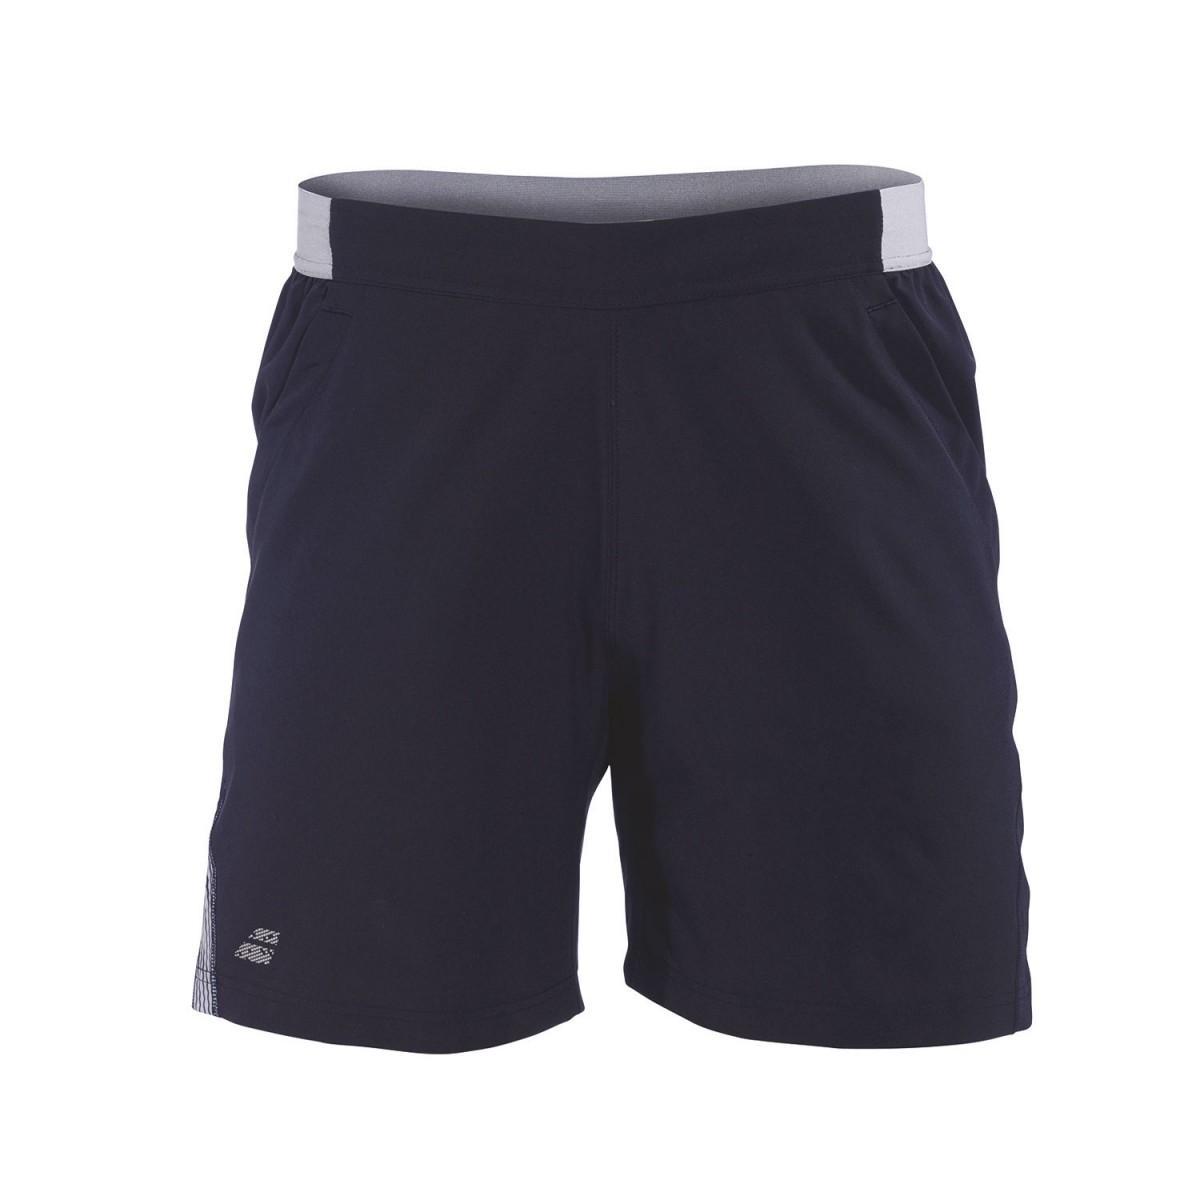 Детские теннисные шорты Babolat Performance Short Boy black/silver